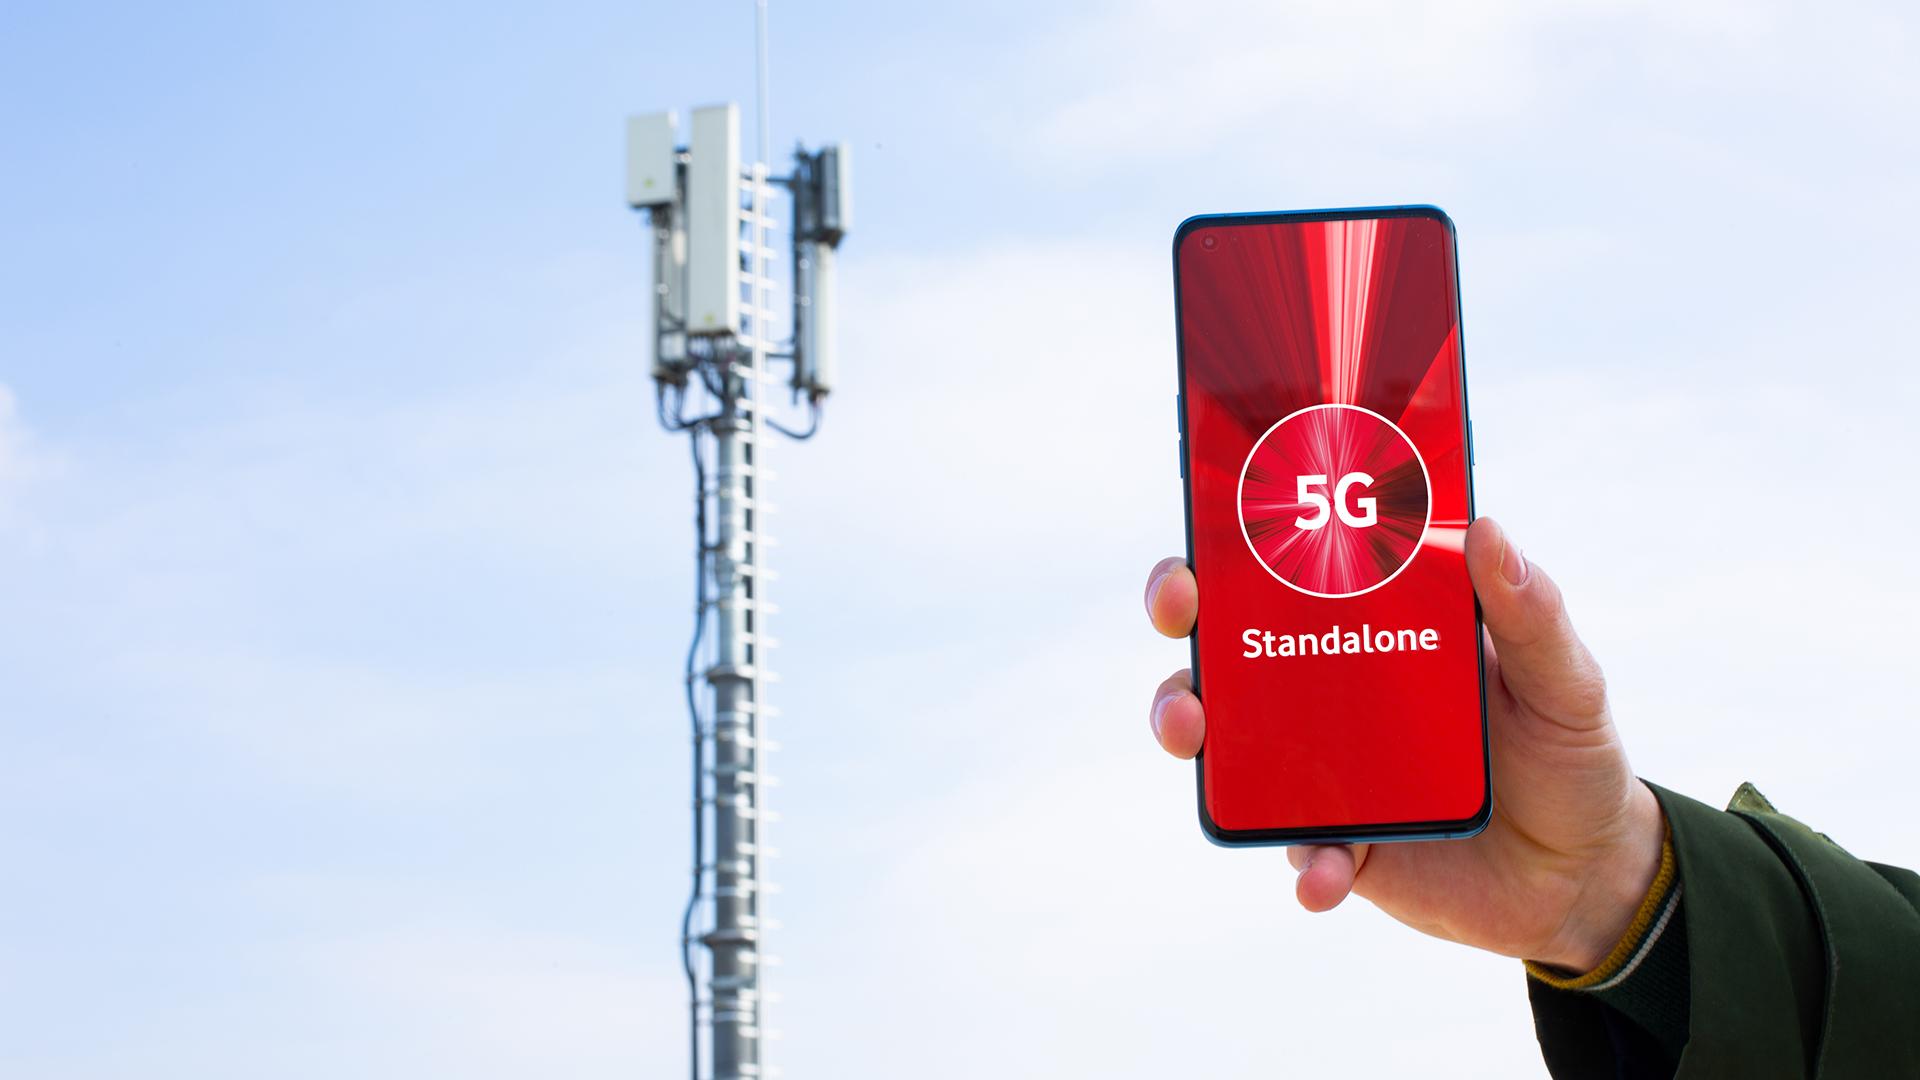 """Ein Smartphone, das """"5G Standalone"""" zeigt, dahinter ein Mobilfunkmast."""